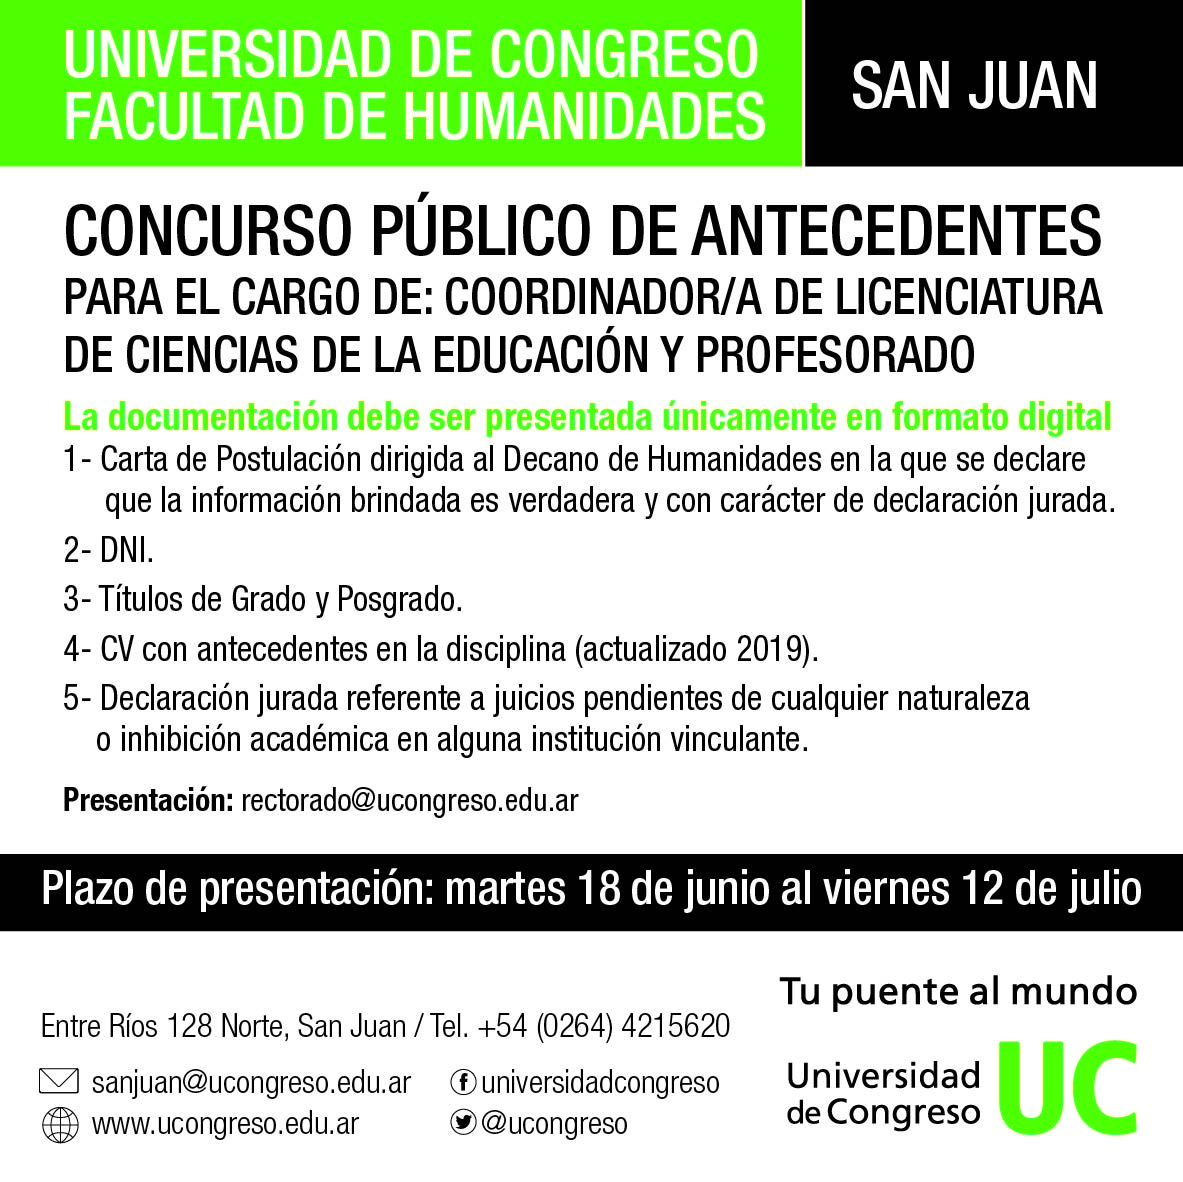 Aviso_Concurso_Humanidades-01